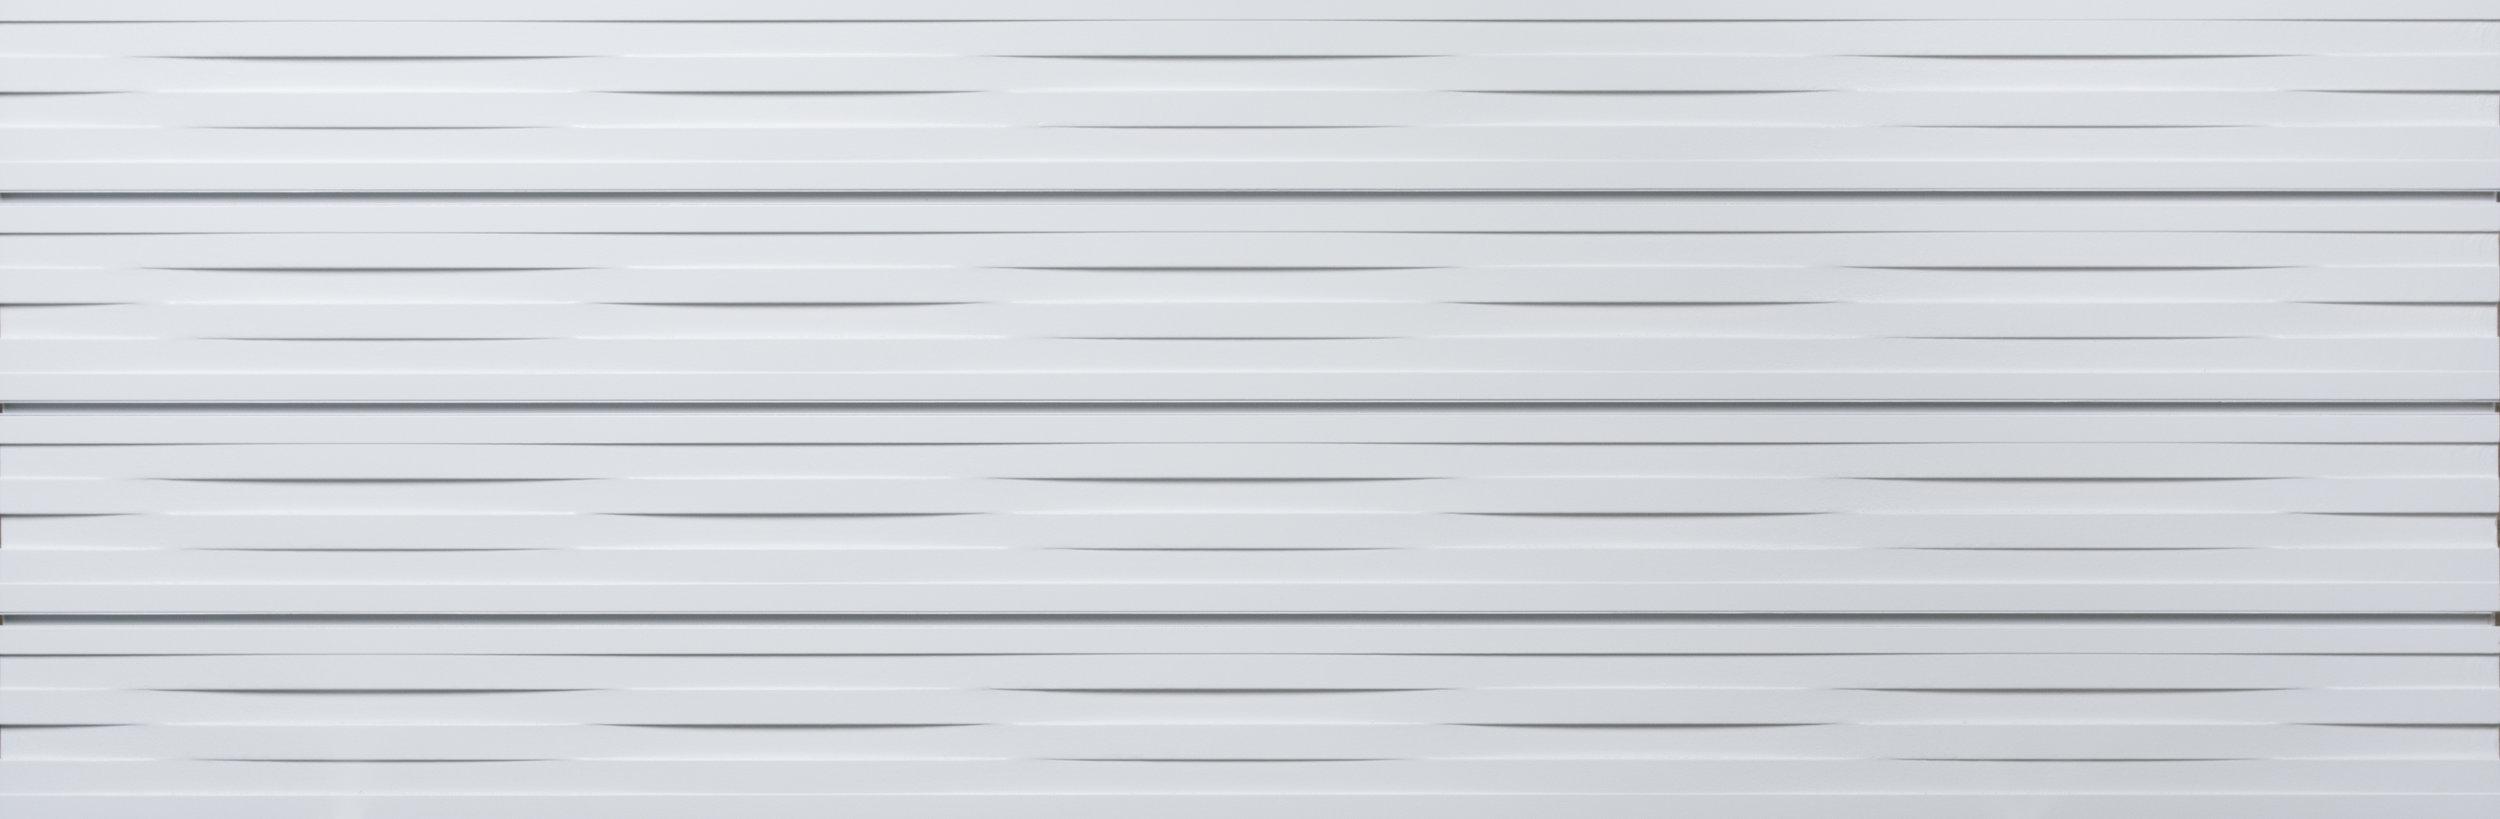 Weave white 6' sheet.jpg